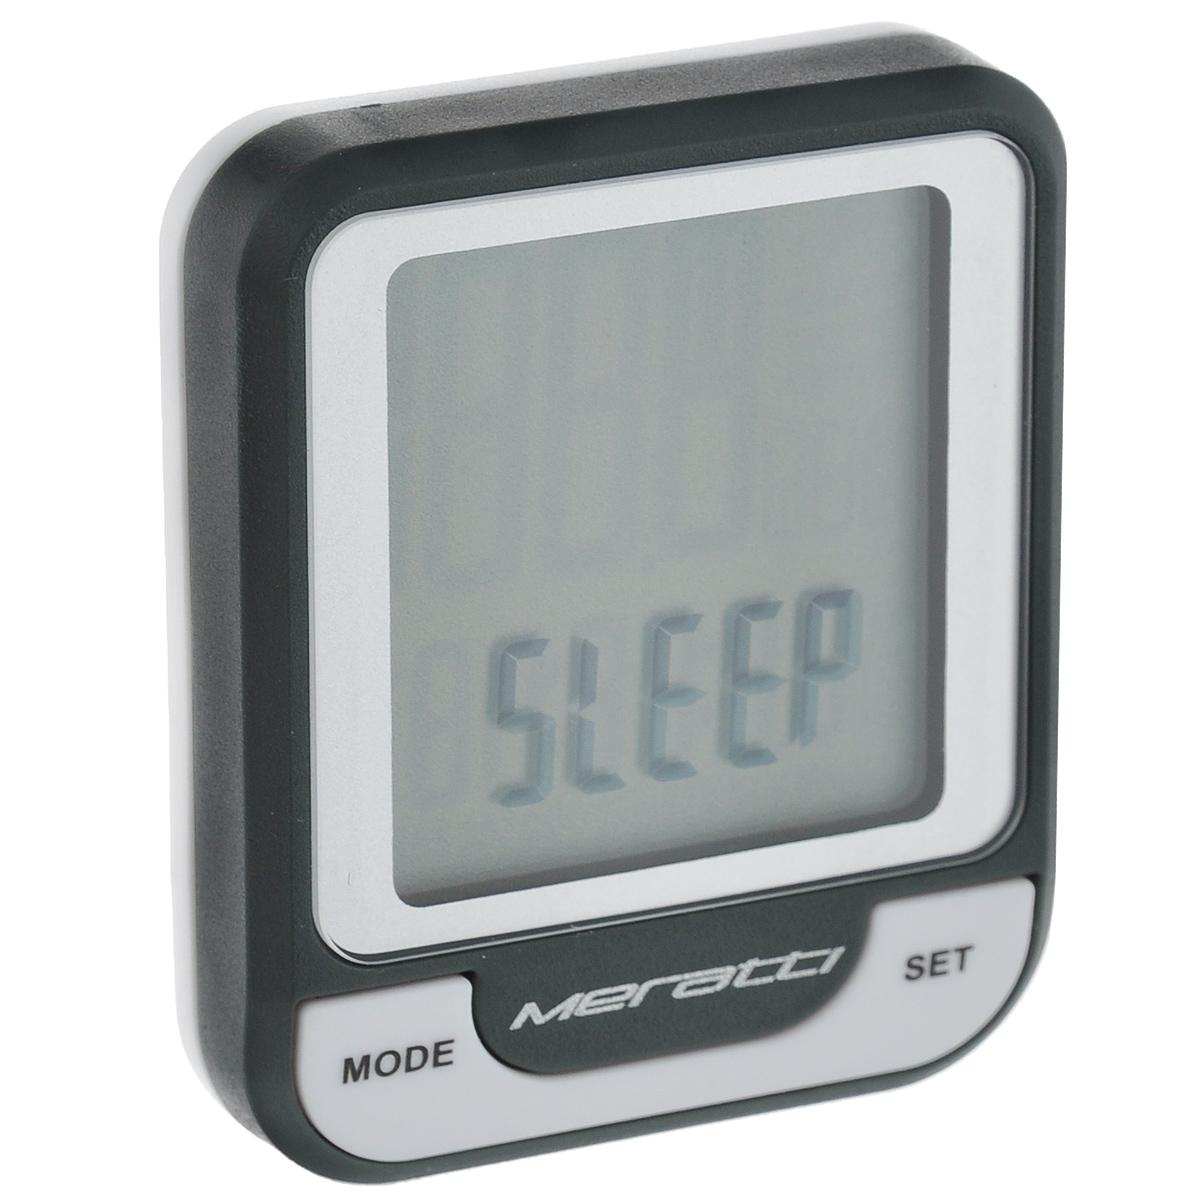 Велокомпьютер беспроводной Meratti, цвет: черный, серыйC016Беспроводной велокомпьютер Meratti выполнен из высококачественного прочного ПВХ. Компьютер питается от 1 батарейки CR2032 (в комплекте). Показания монитора: время (часы, минуты, секунды), скорость, средняя скорость, максимальная скорость, тенденция скорости, время поездки, суммарное время пробега, общий пробег, общий расход калорий. Режимы: SCAN.